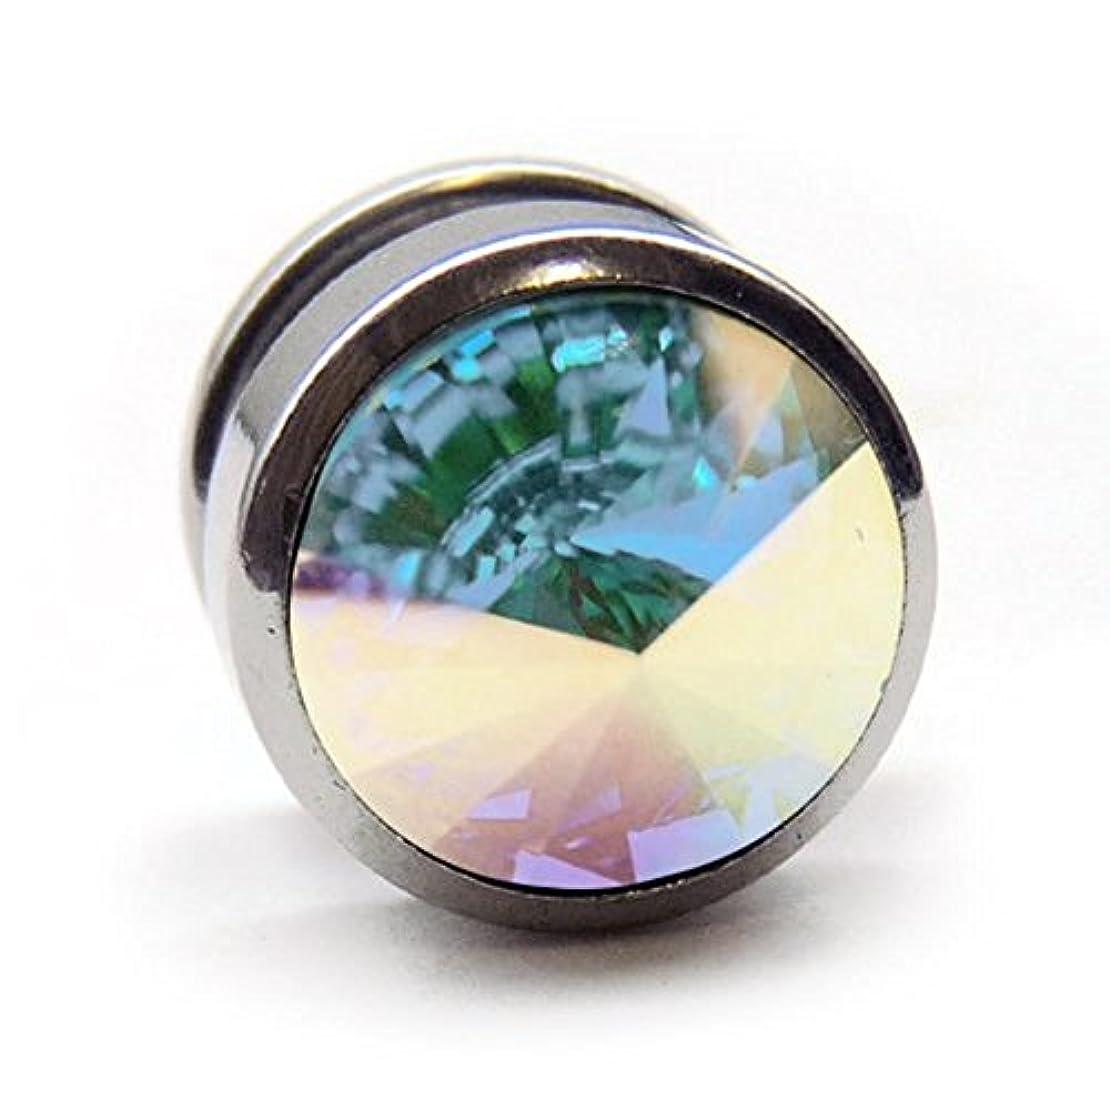 公園宇宙のライフルスワンユニオン swanunion 丸型 片耳 磁石 マグピ ステンレス製 フェイクピアス fp33